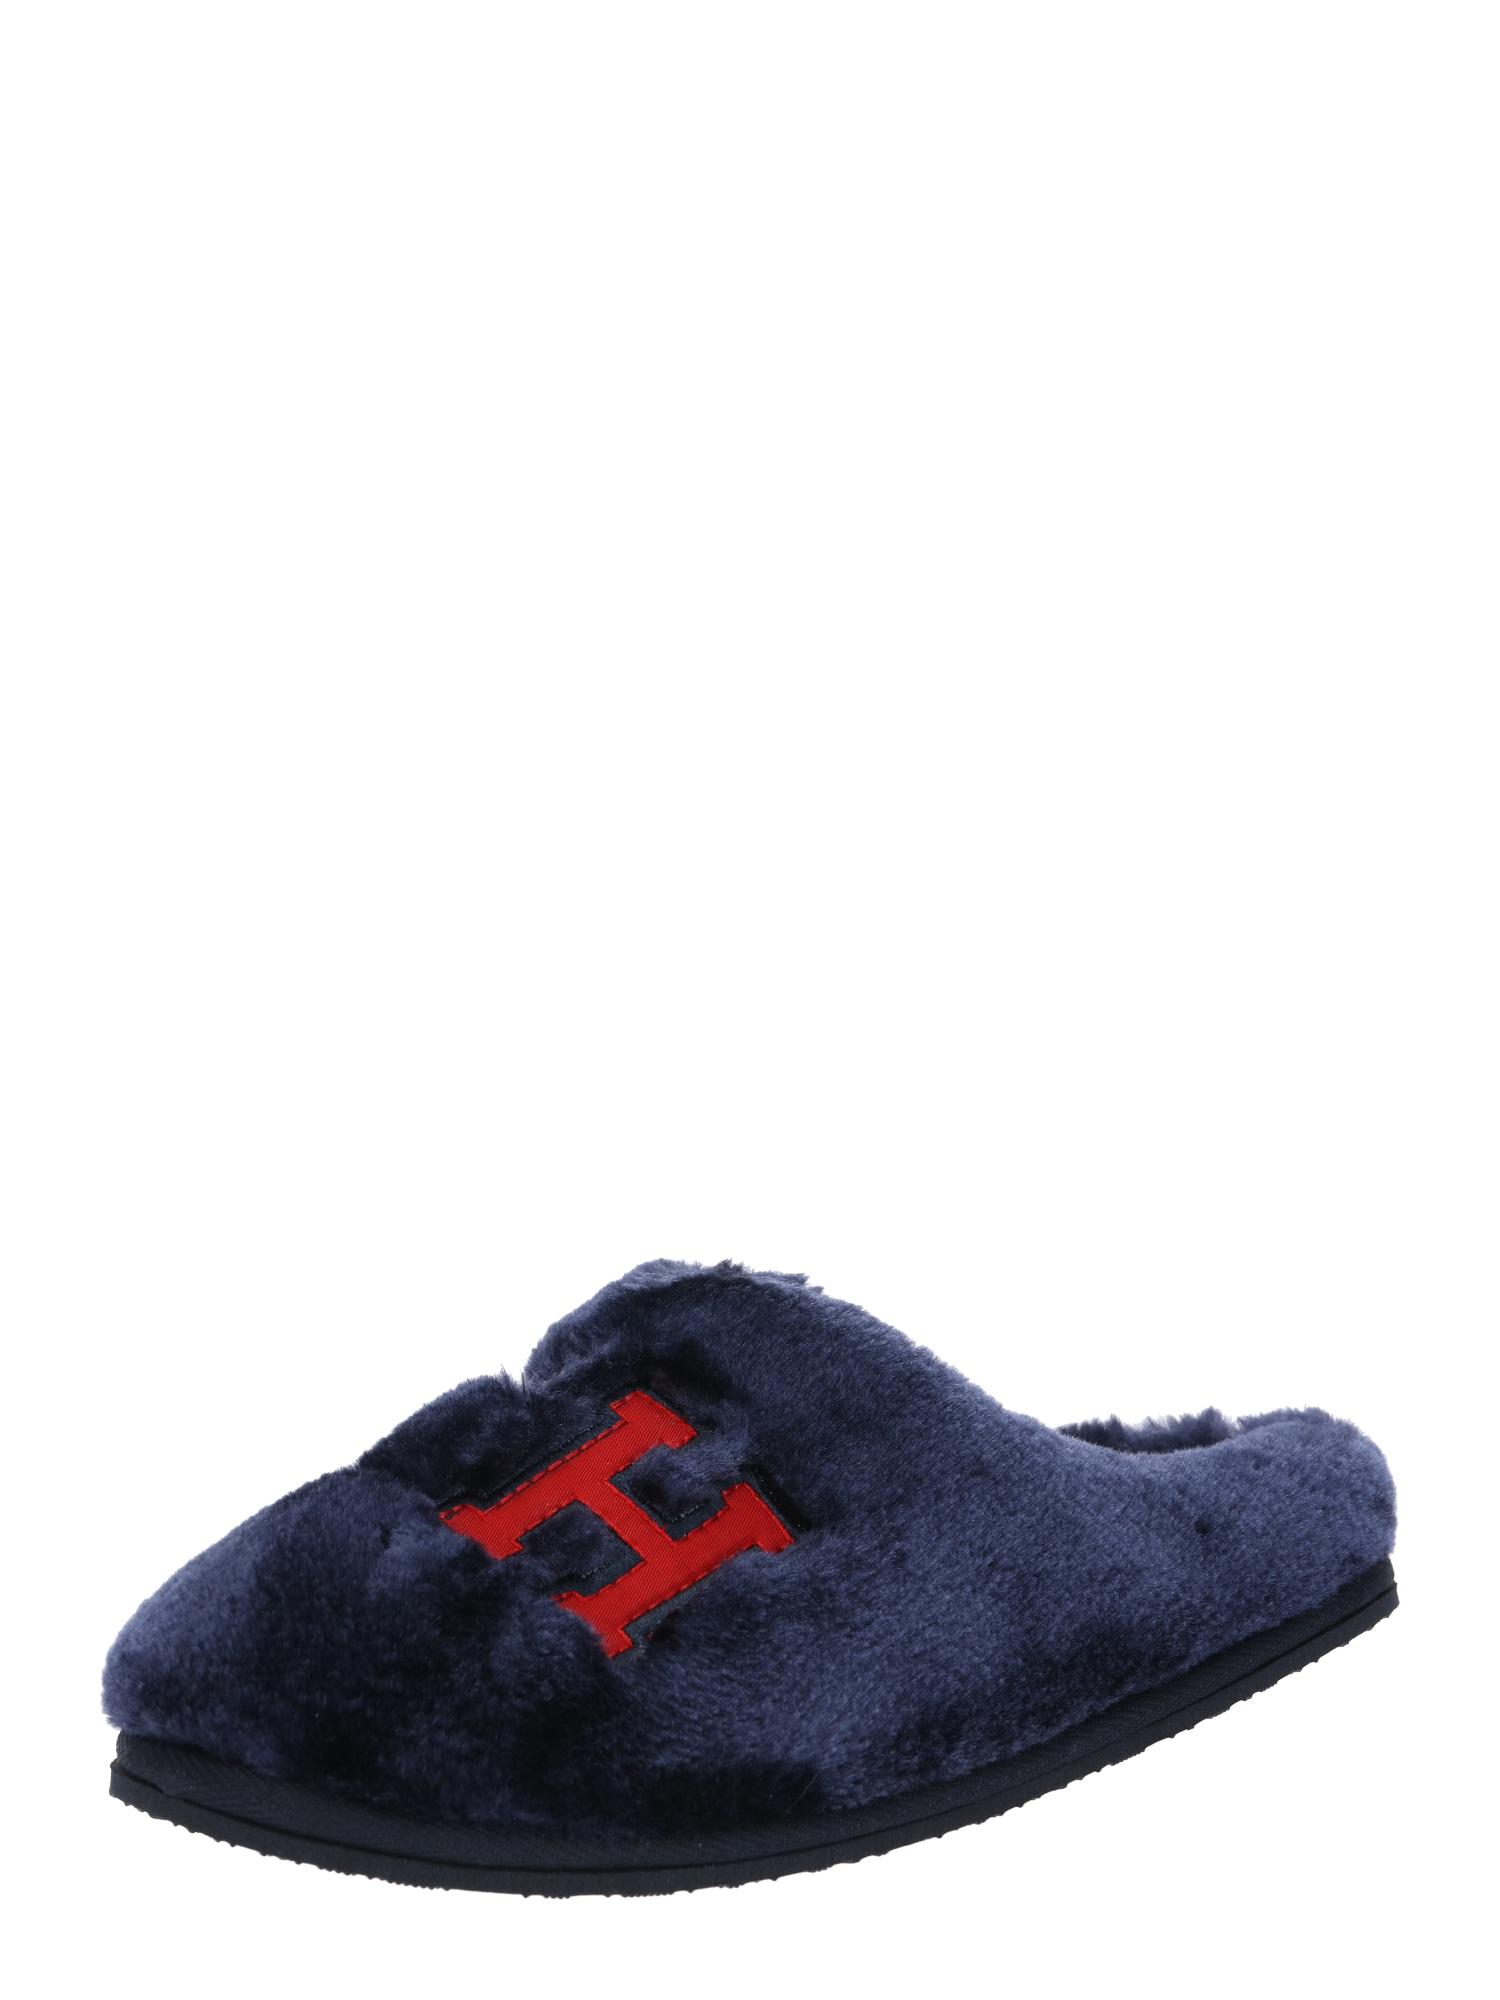 Pantofle Love tommy home námořnická modř červená TOMMY HILFIGER